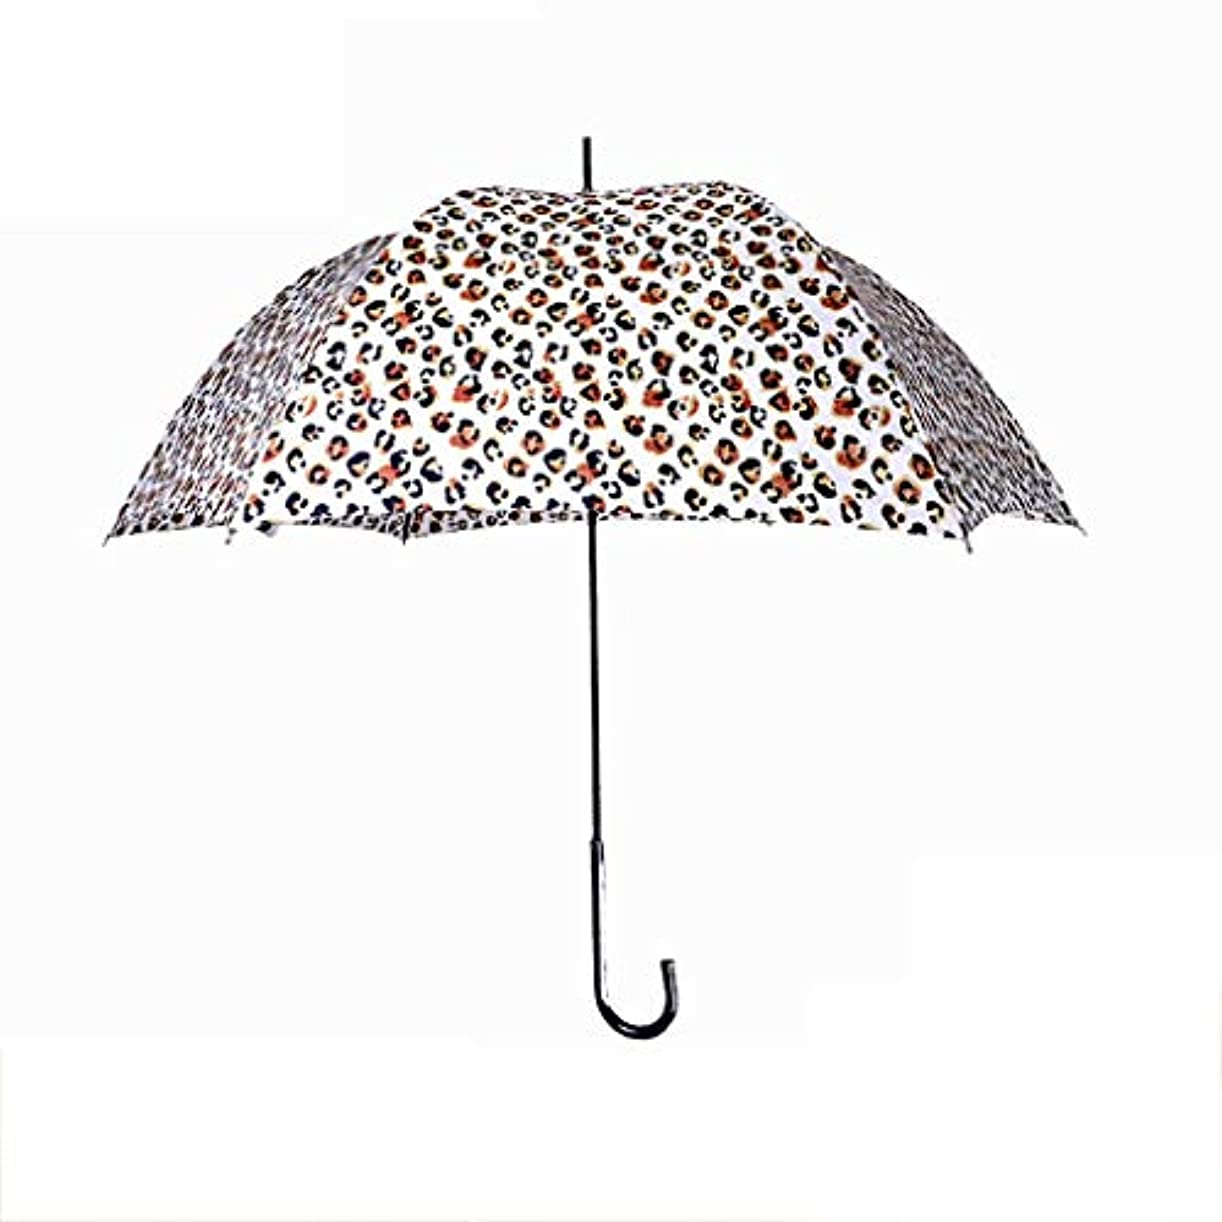 いま欺ナットロングハンドル傘傘紫外線保護日焼け止め傘日傘スリムディープアーク傘ヨーロッパとアメリカのテクスチャ (色 : D)